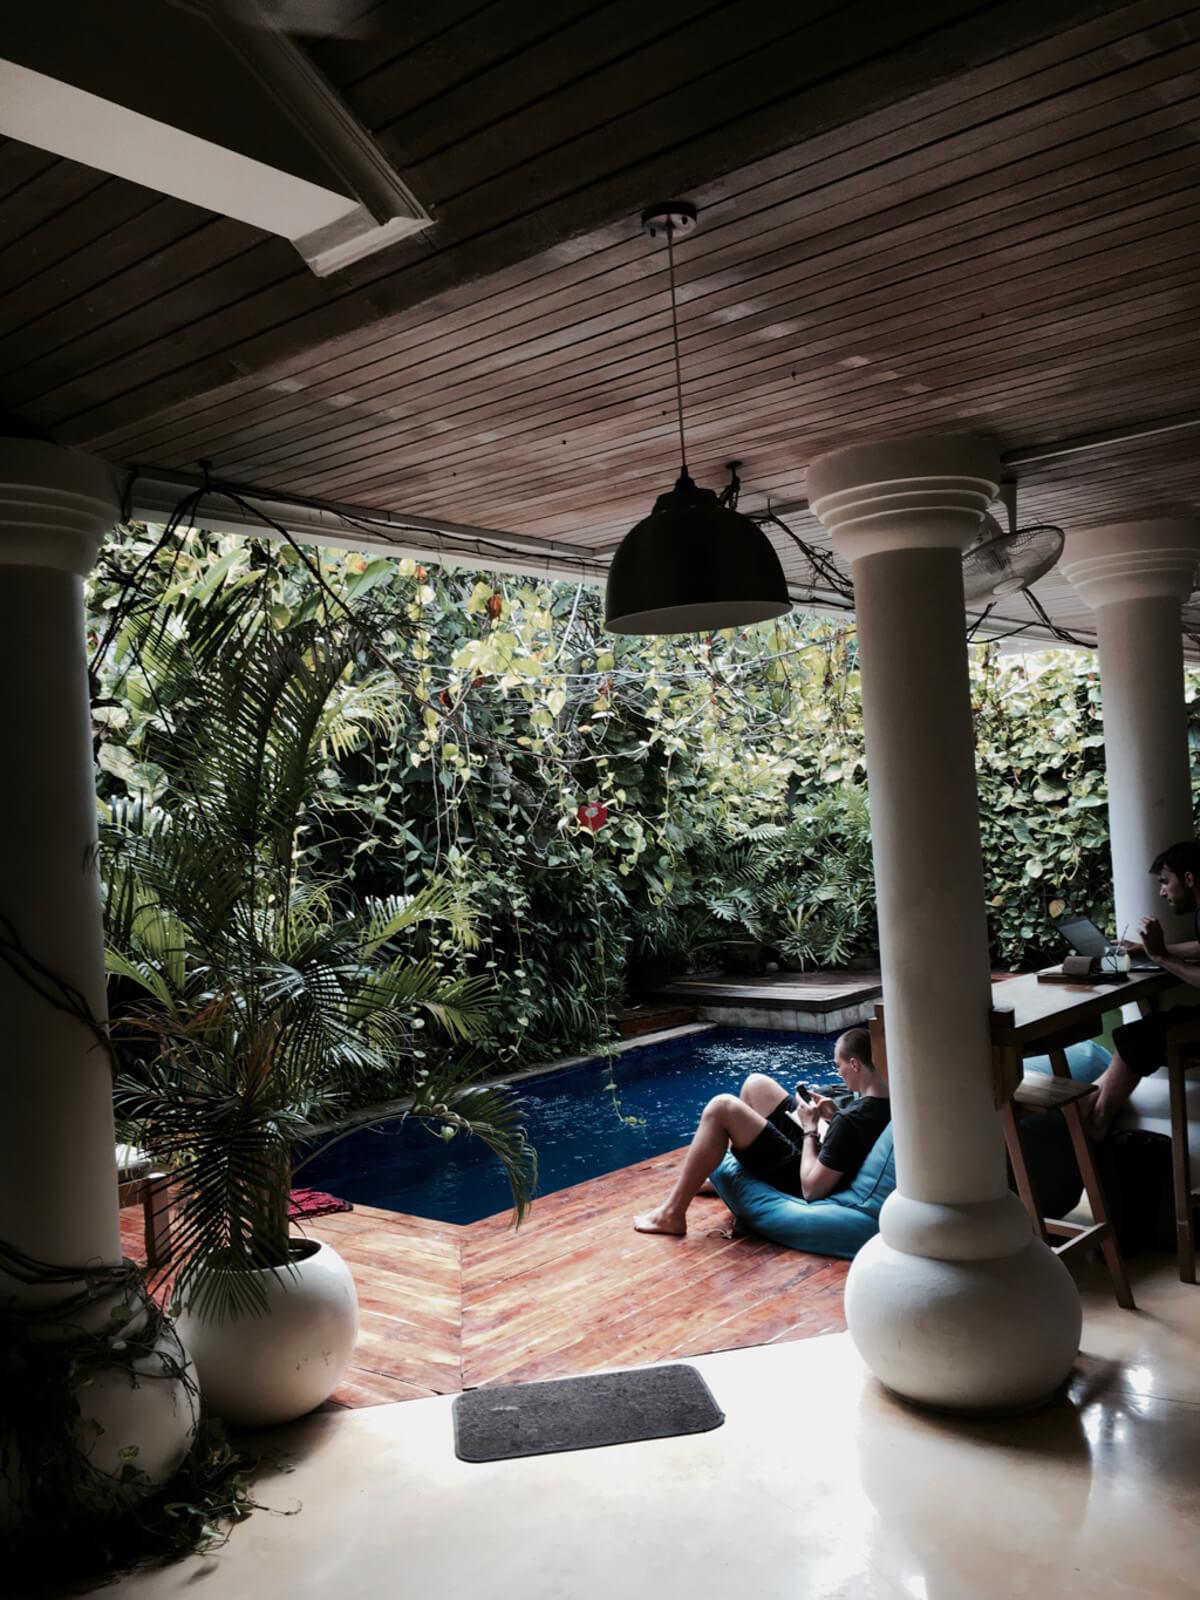 Pool Dojo Bali